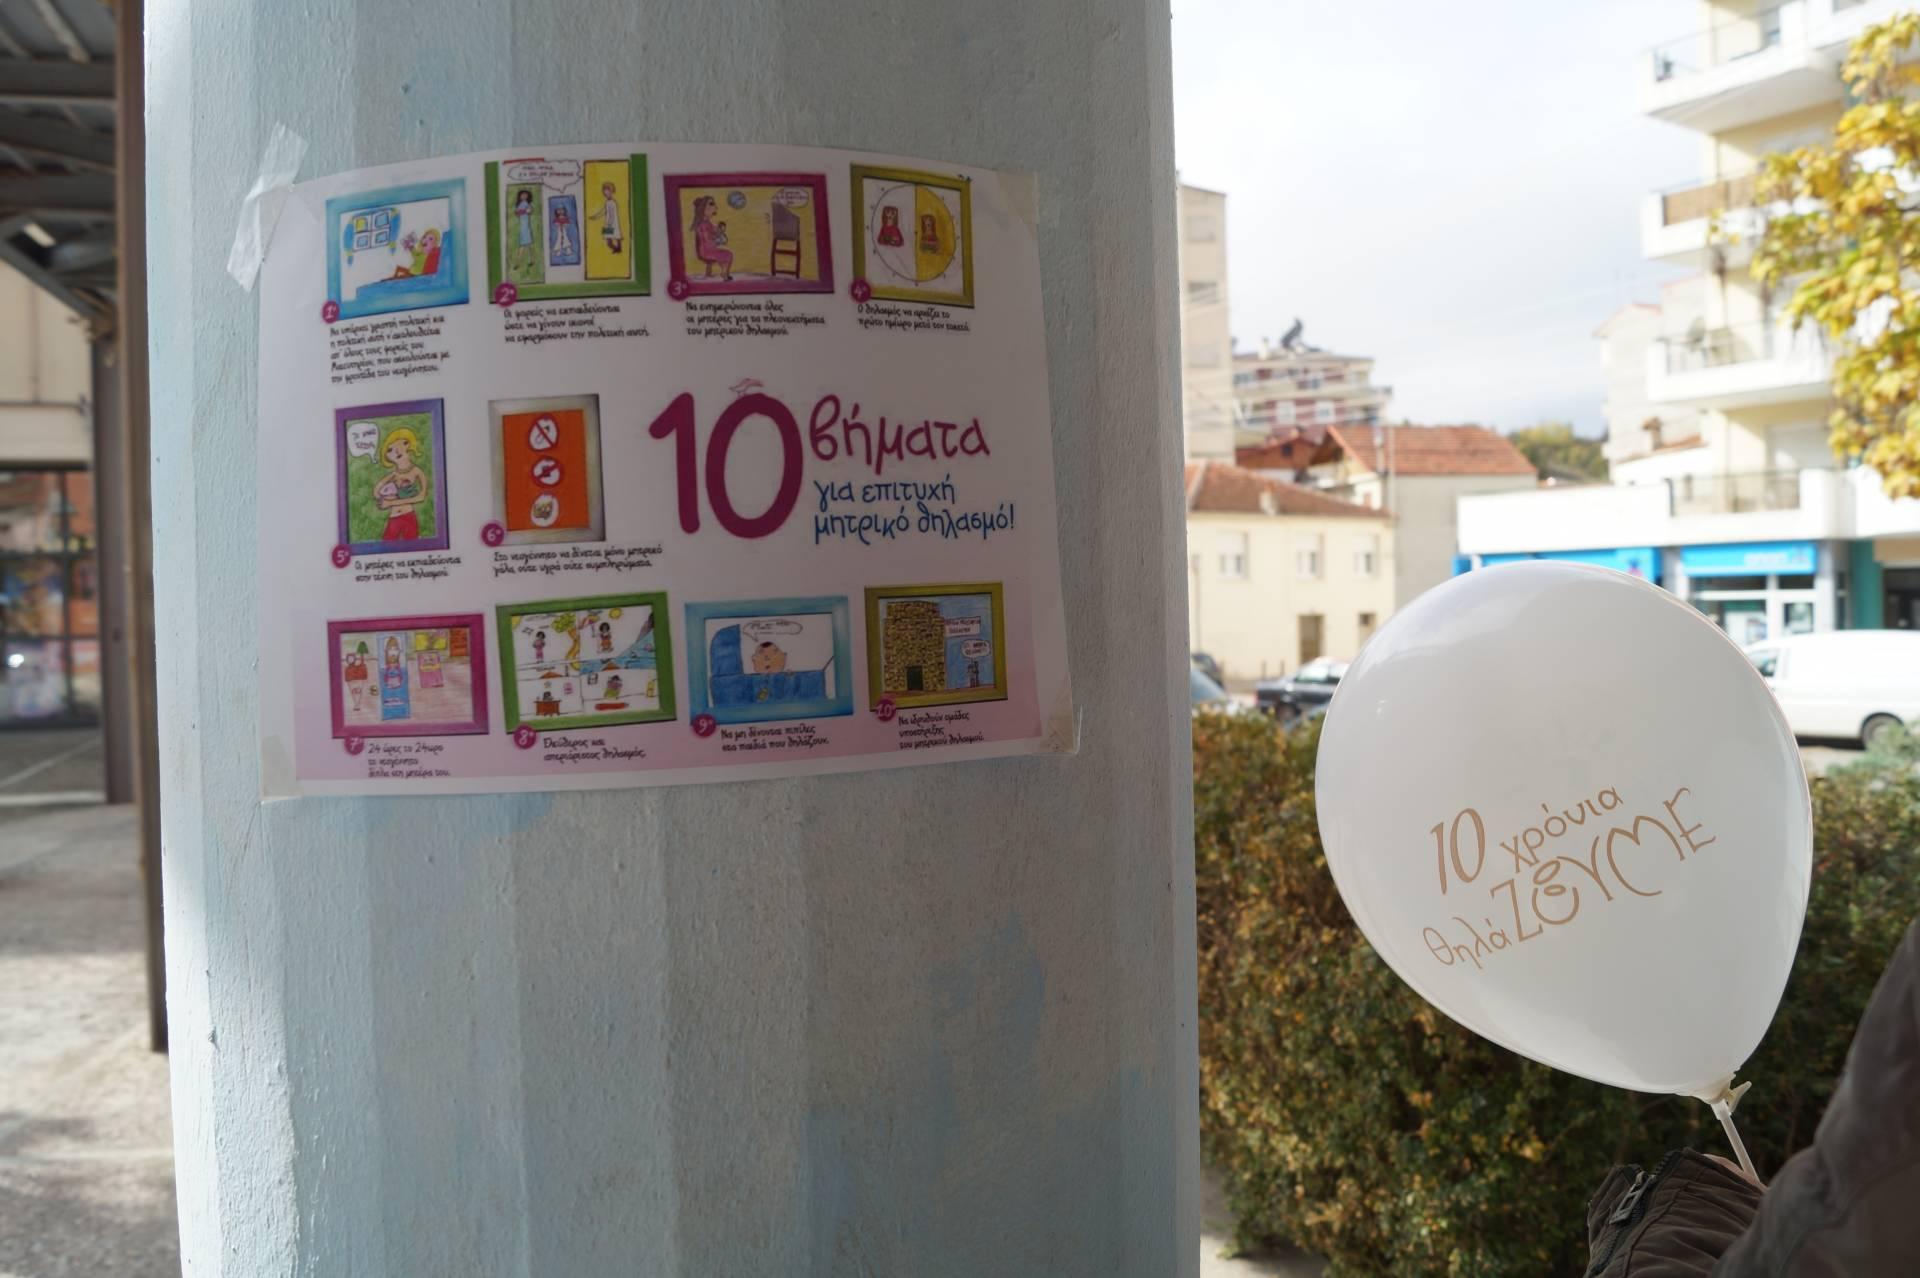 Πραγματοποιήθηκε η εκδήλωση στο πλαίσιο του εορτασμού της Παγκόσμιας Εβδομάδας Μητρικού Θηλασμού στα Γρεβενά